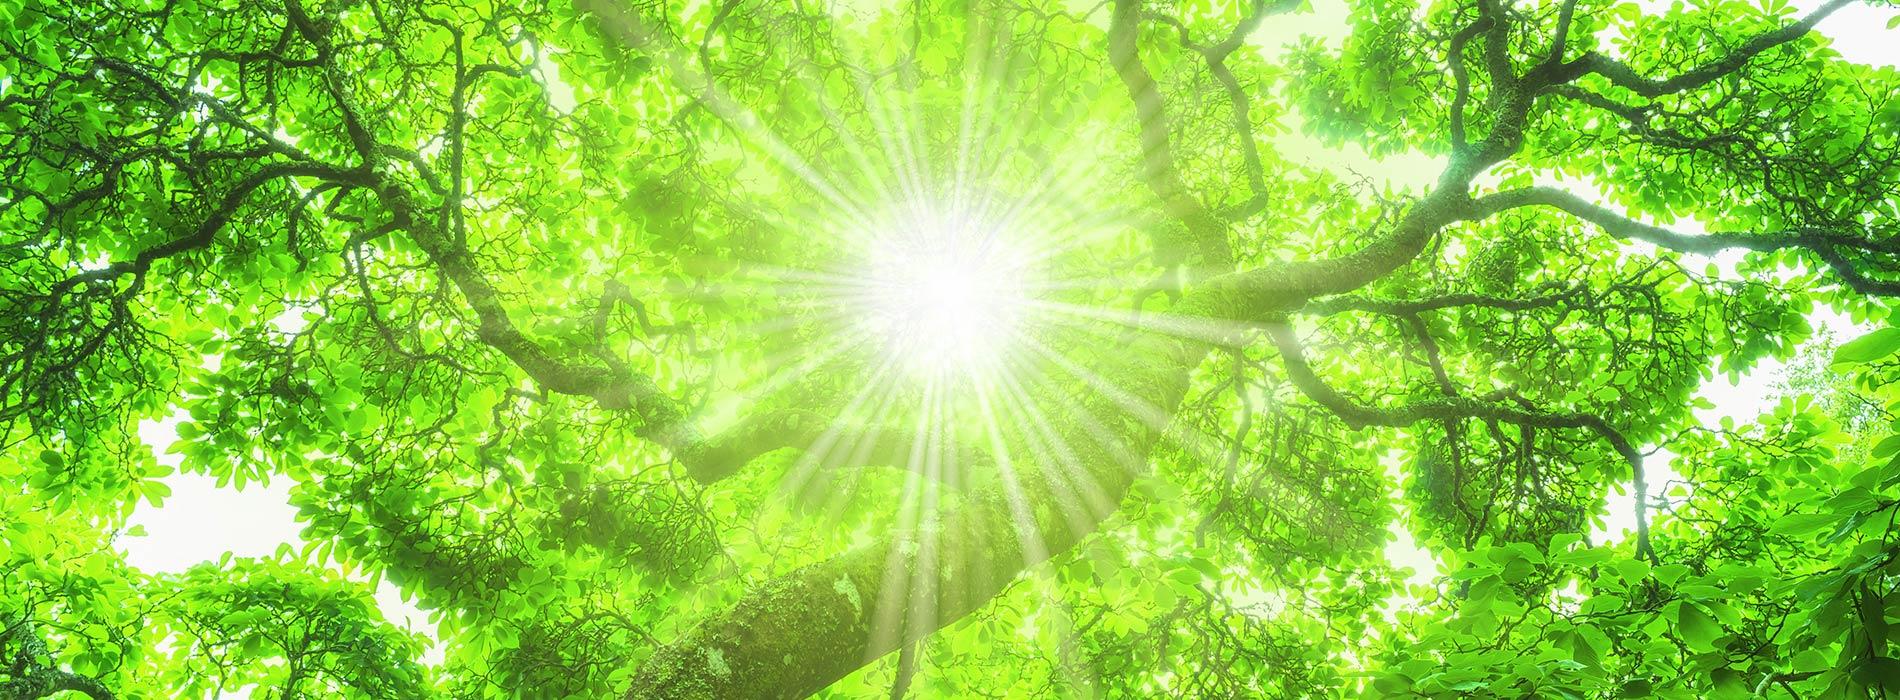 Sonne scheint durch die Baumkrone